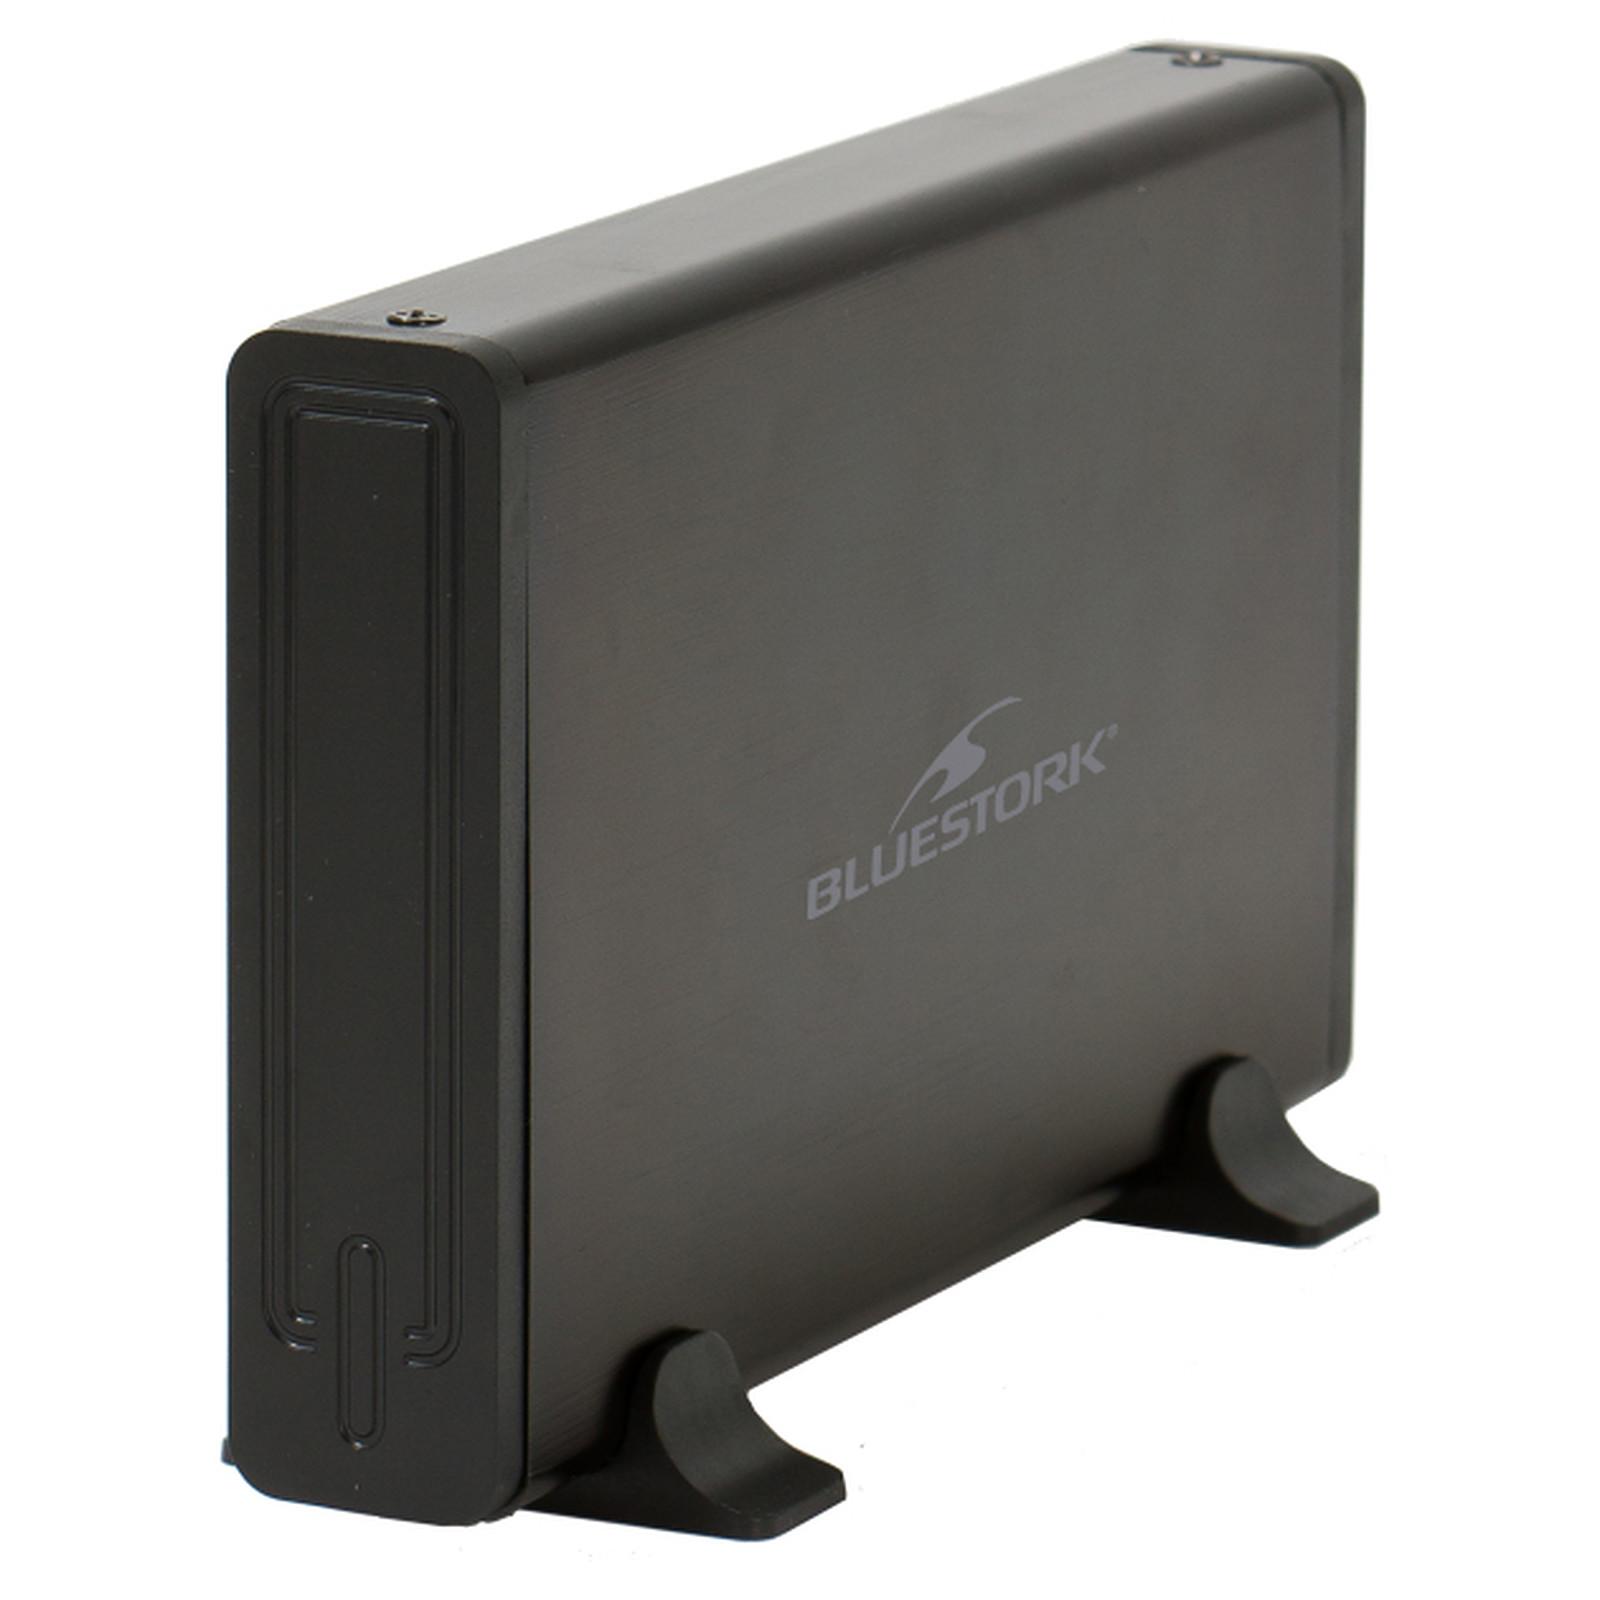 Boitier externe USB 2.0 pour disque dur 2.5